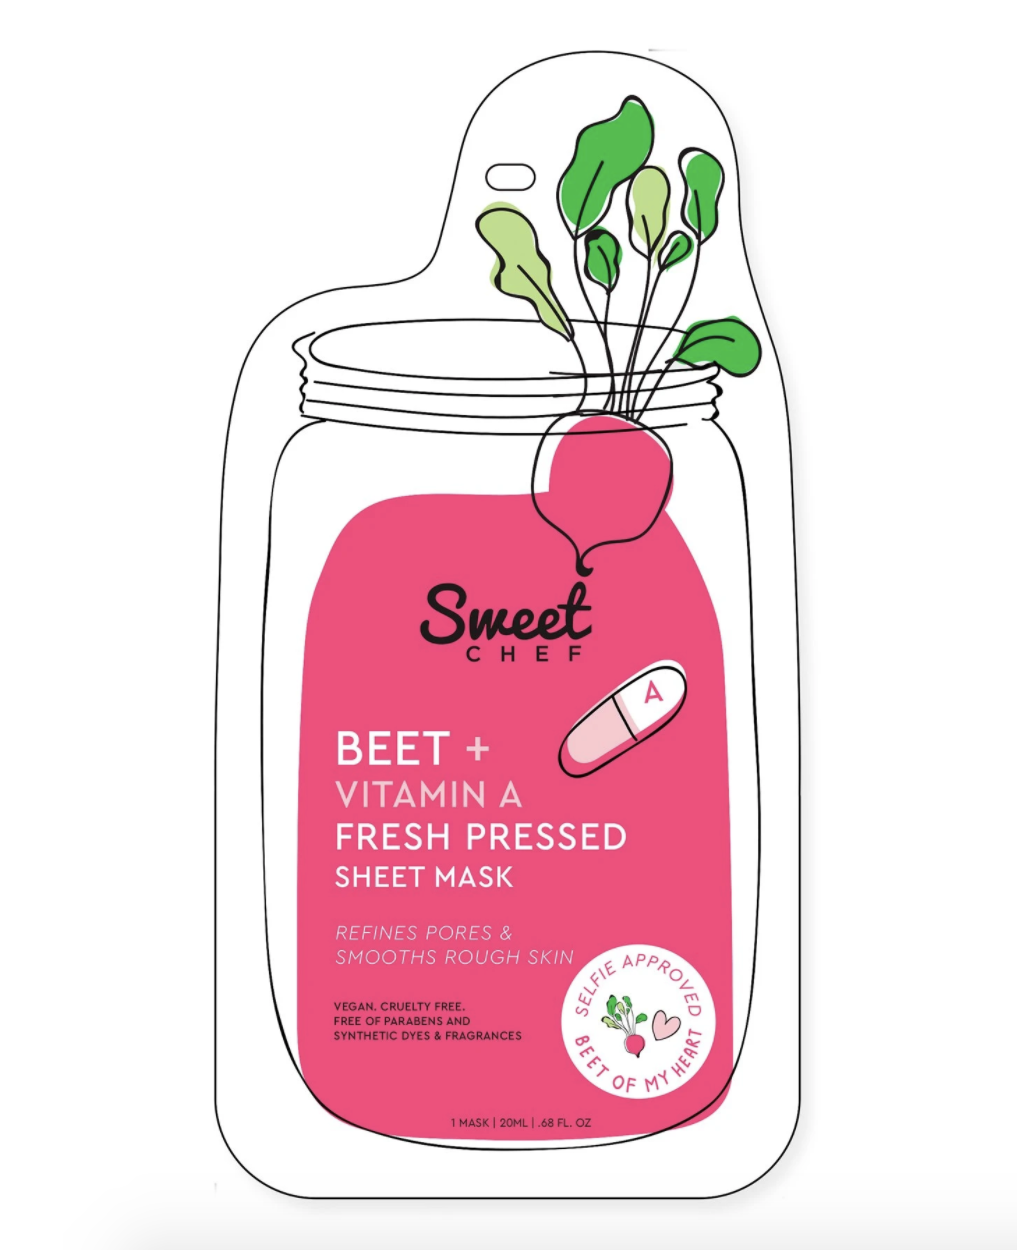 Beet + Vitamin A